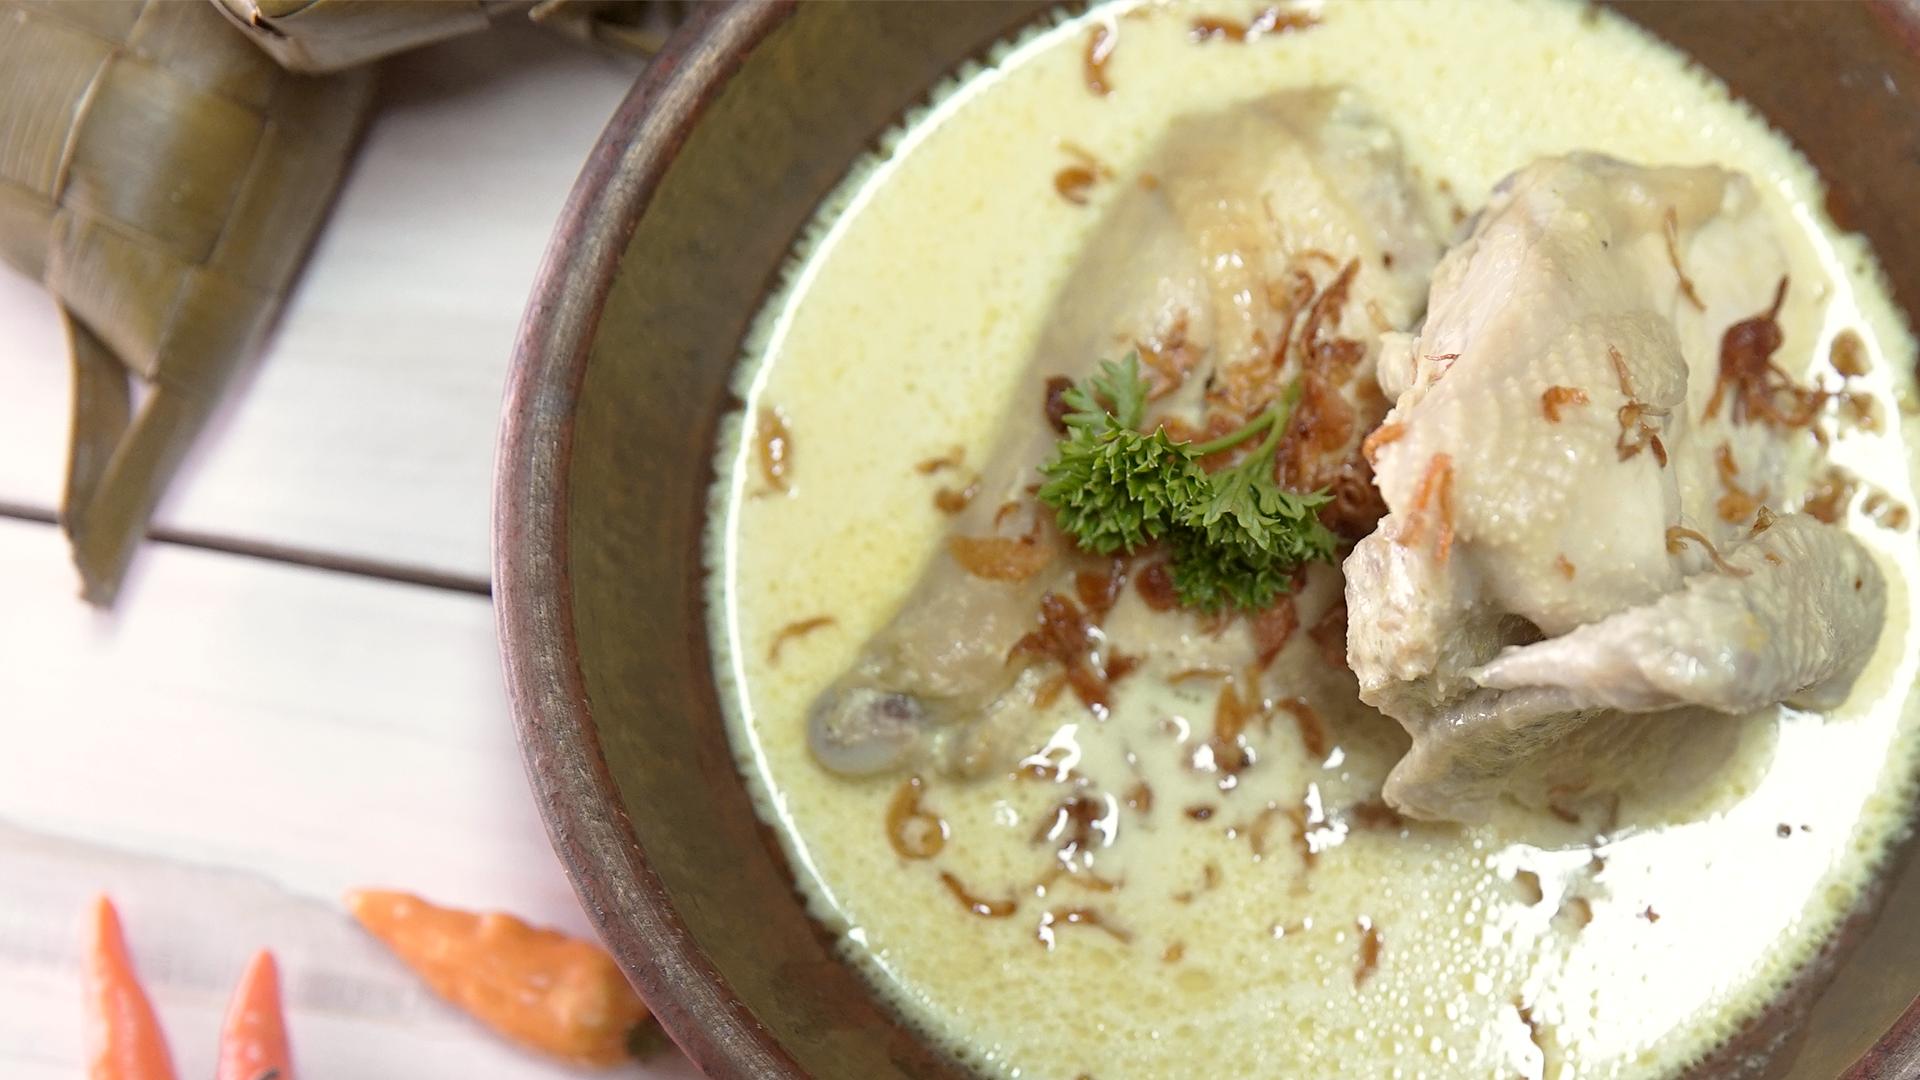 cara masak opor ayam bumbu putih